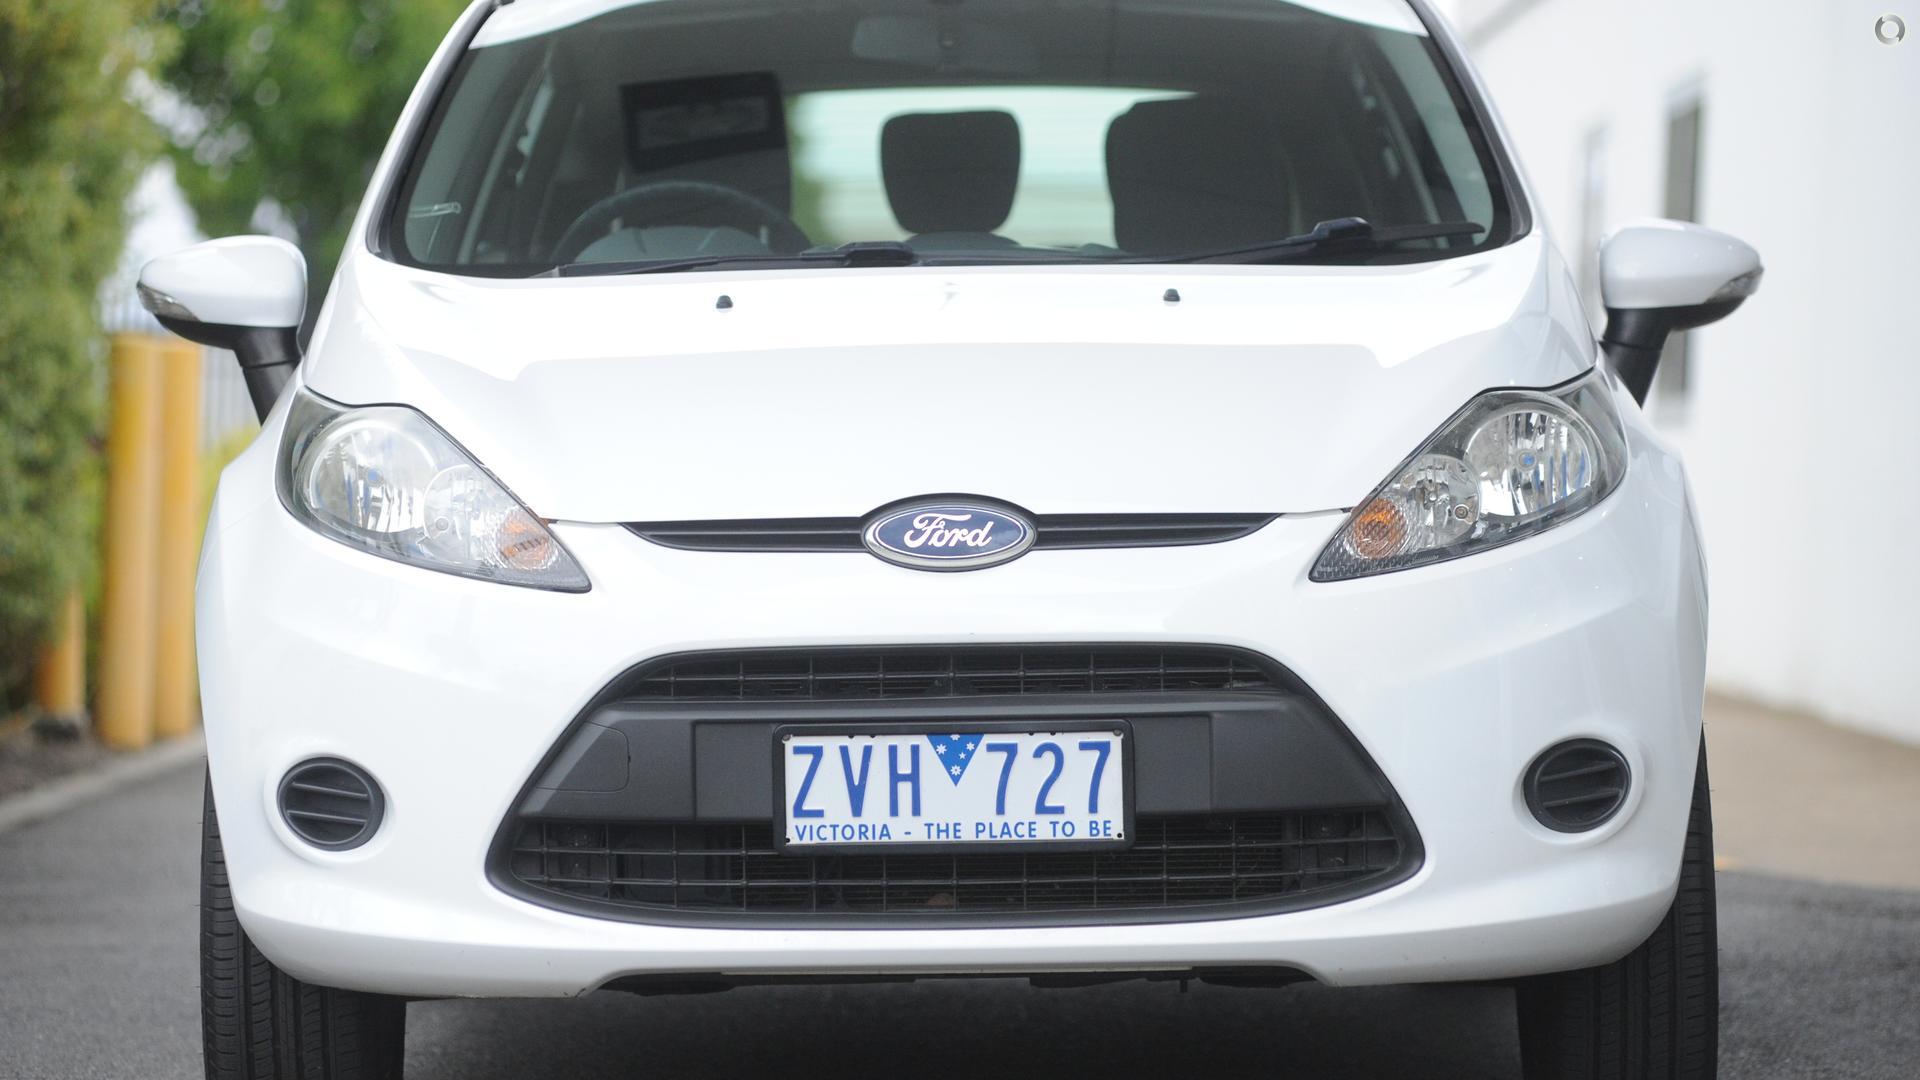 2013 Ford Fiesta LX WT